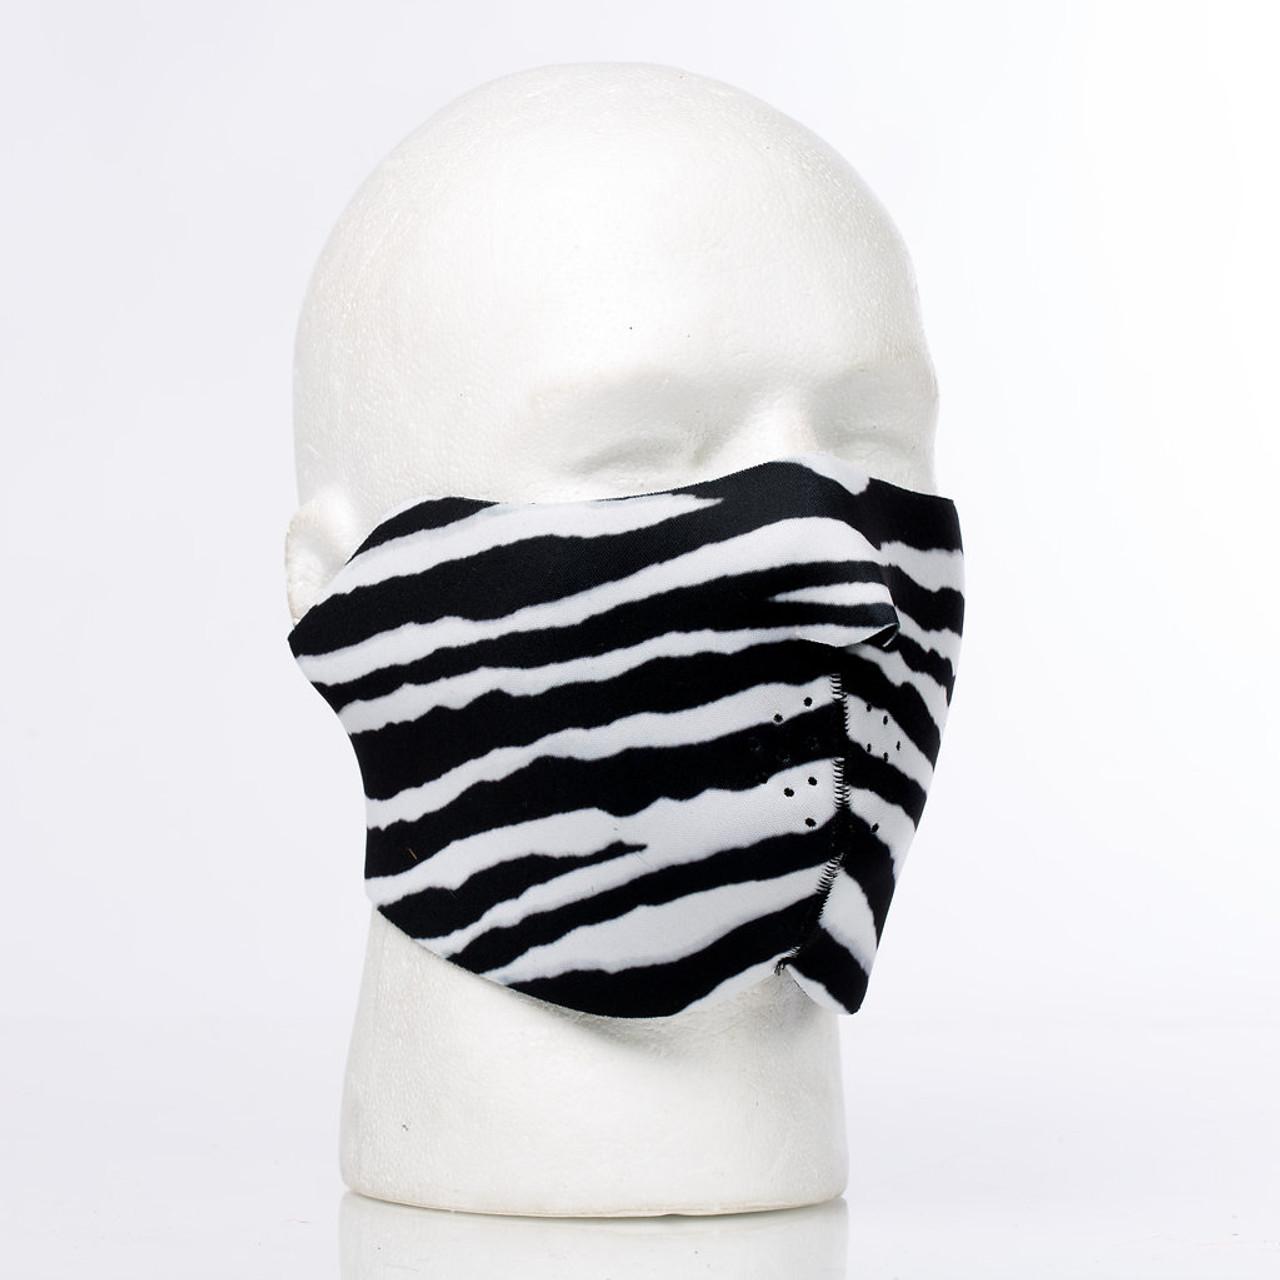 Zebra Neoprene Half Face Mask